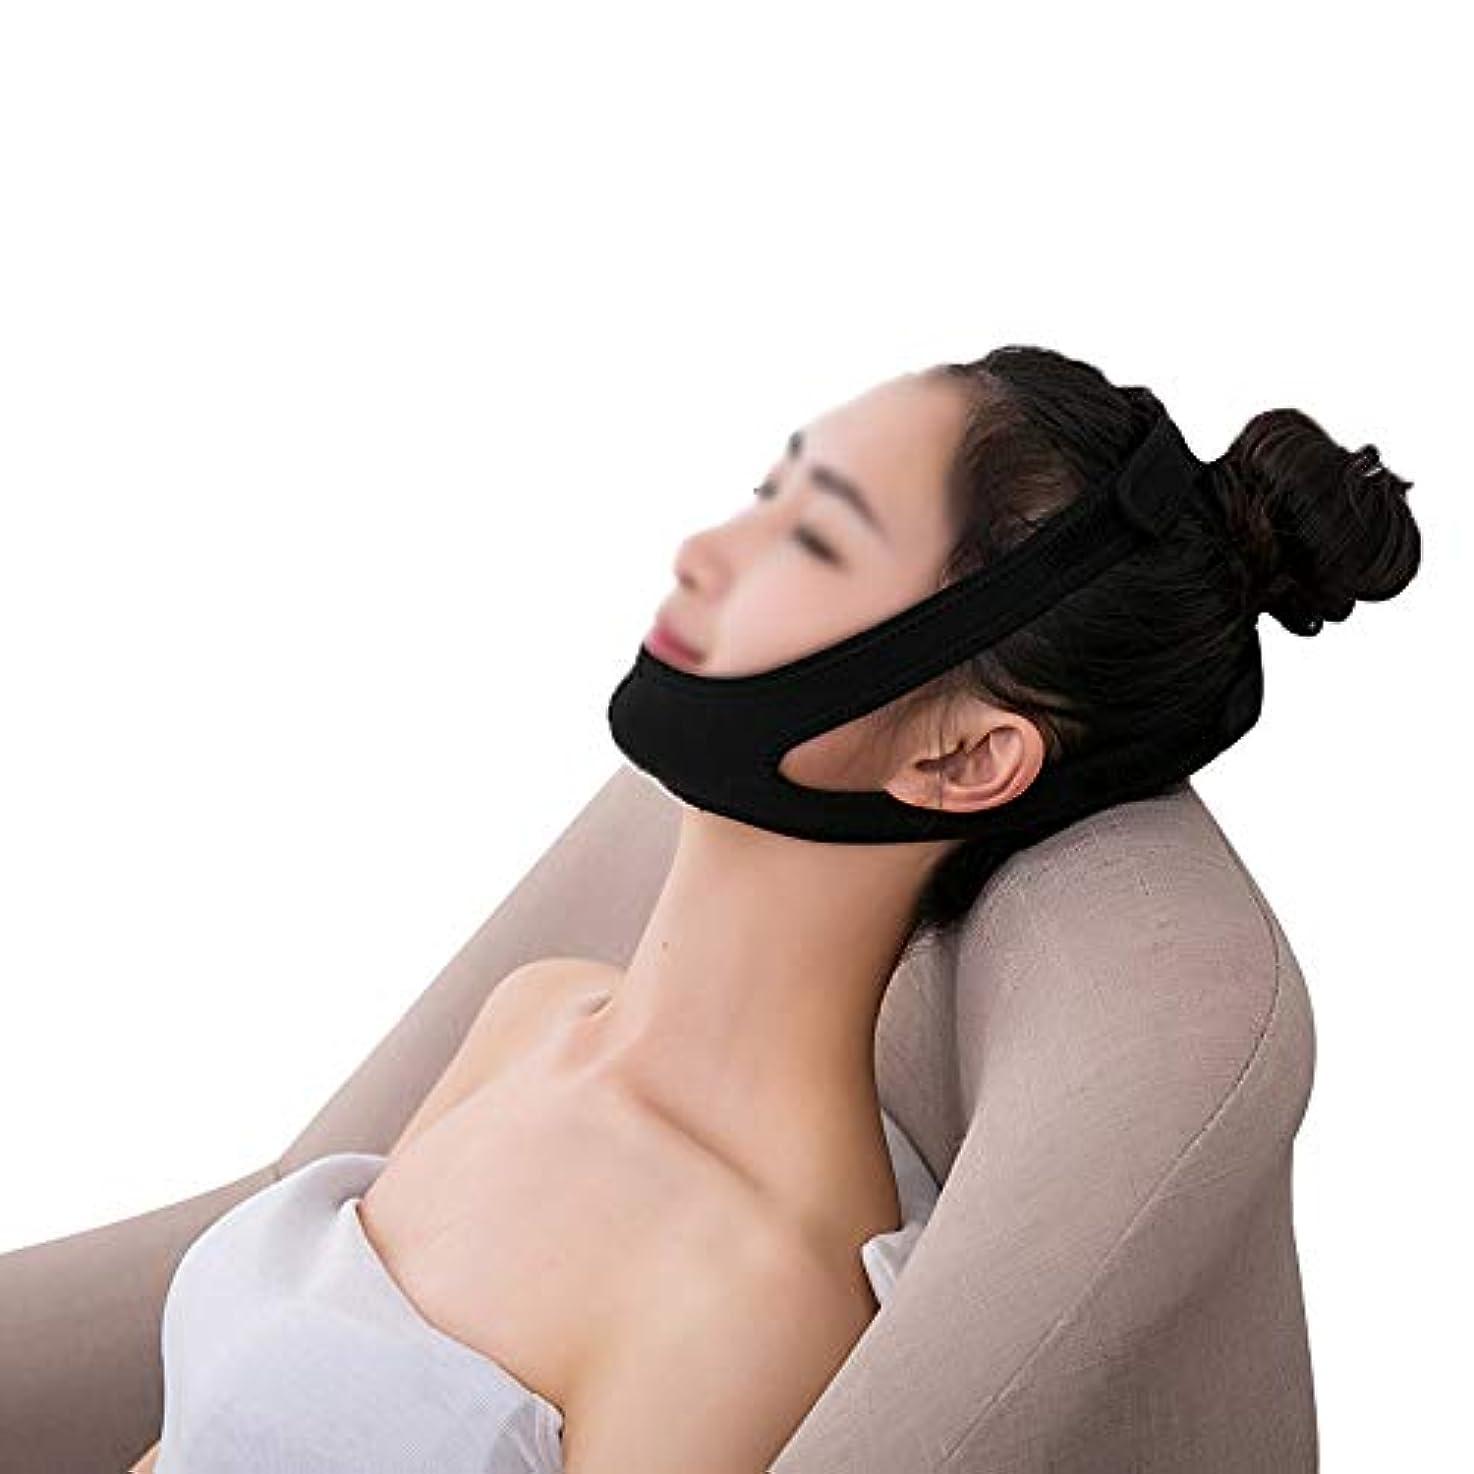 文化毛皮クリップGLJJQMY リフティングマスク家庭用包帯震えネット赤女性vフェイスステッカーショルダーストラップ表面アーティファクト後引き締めマスク 顔用整形マスク